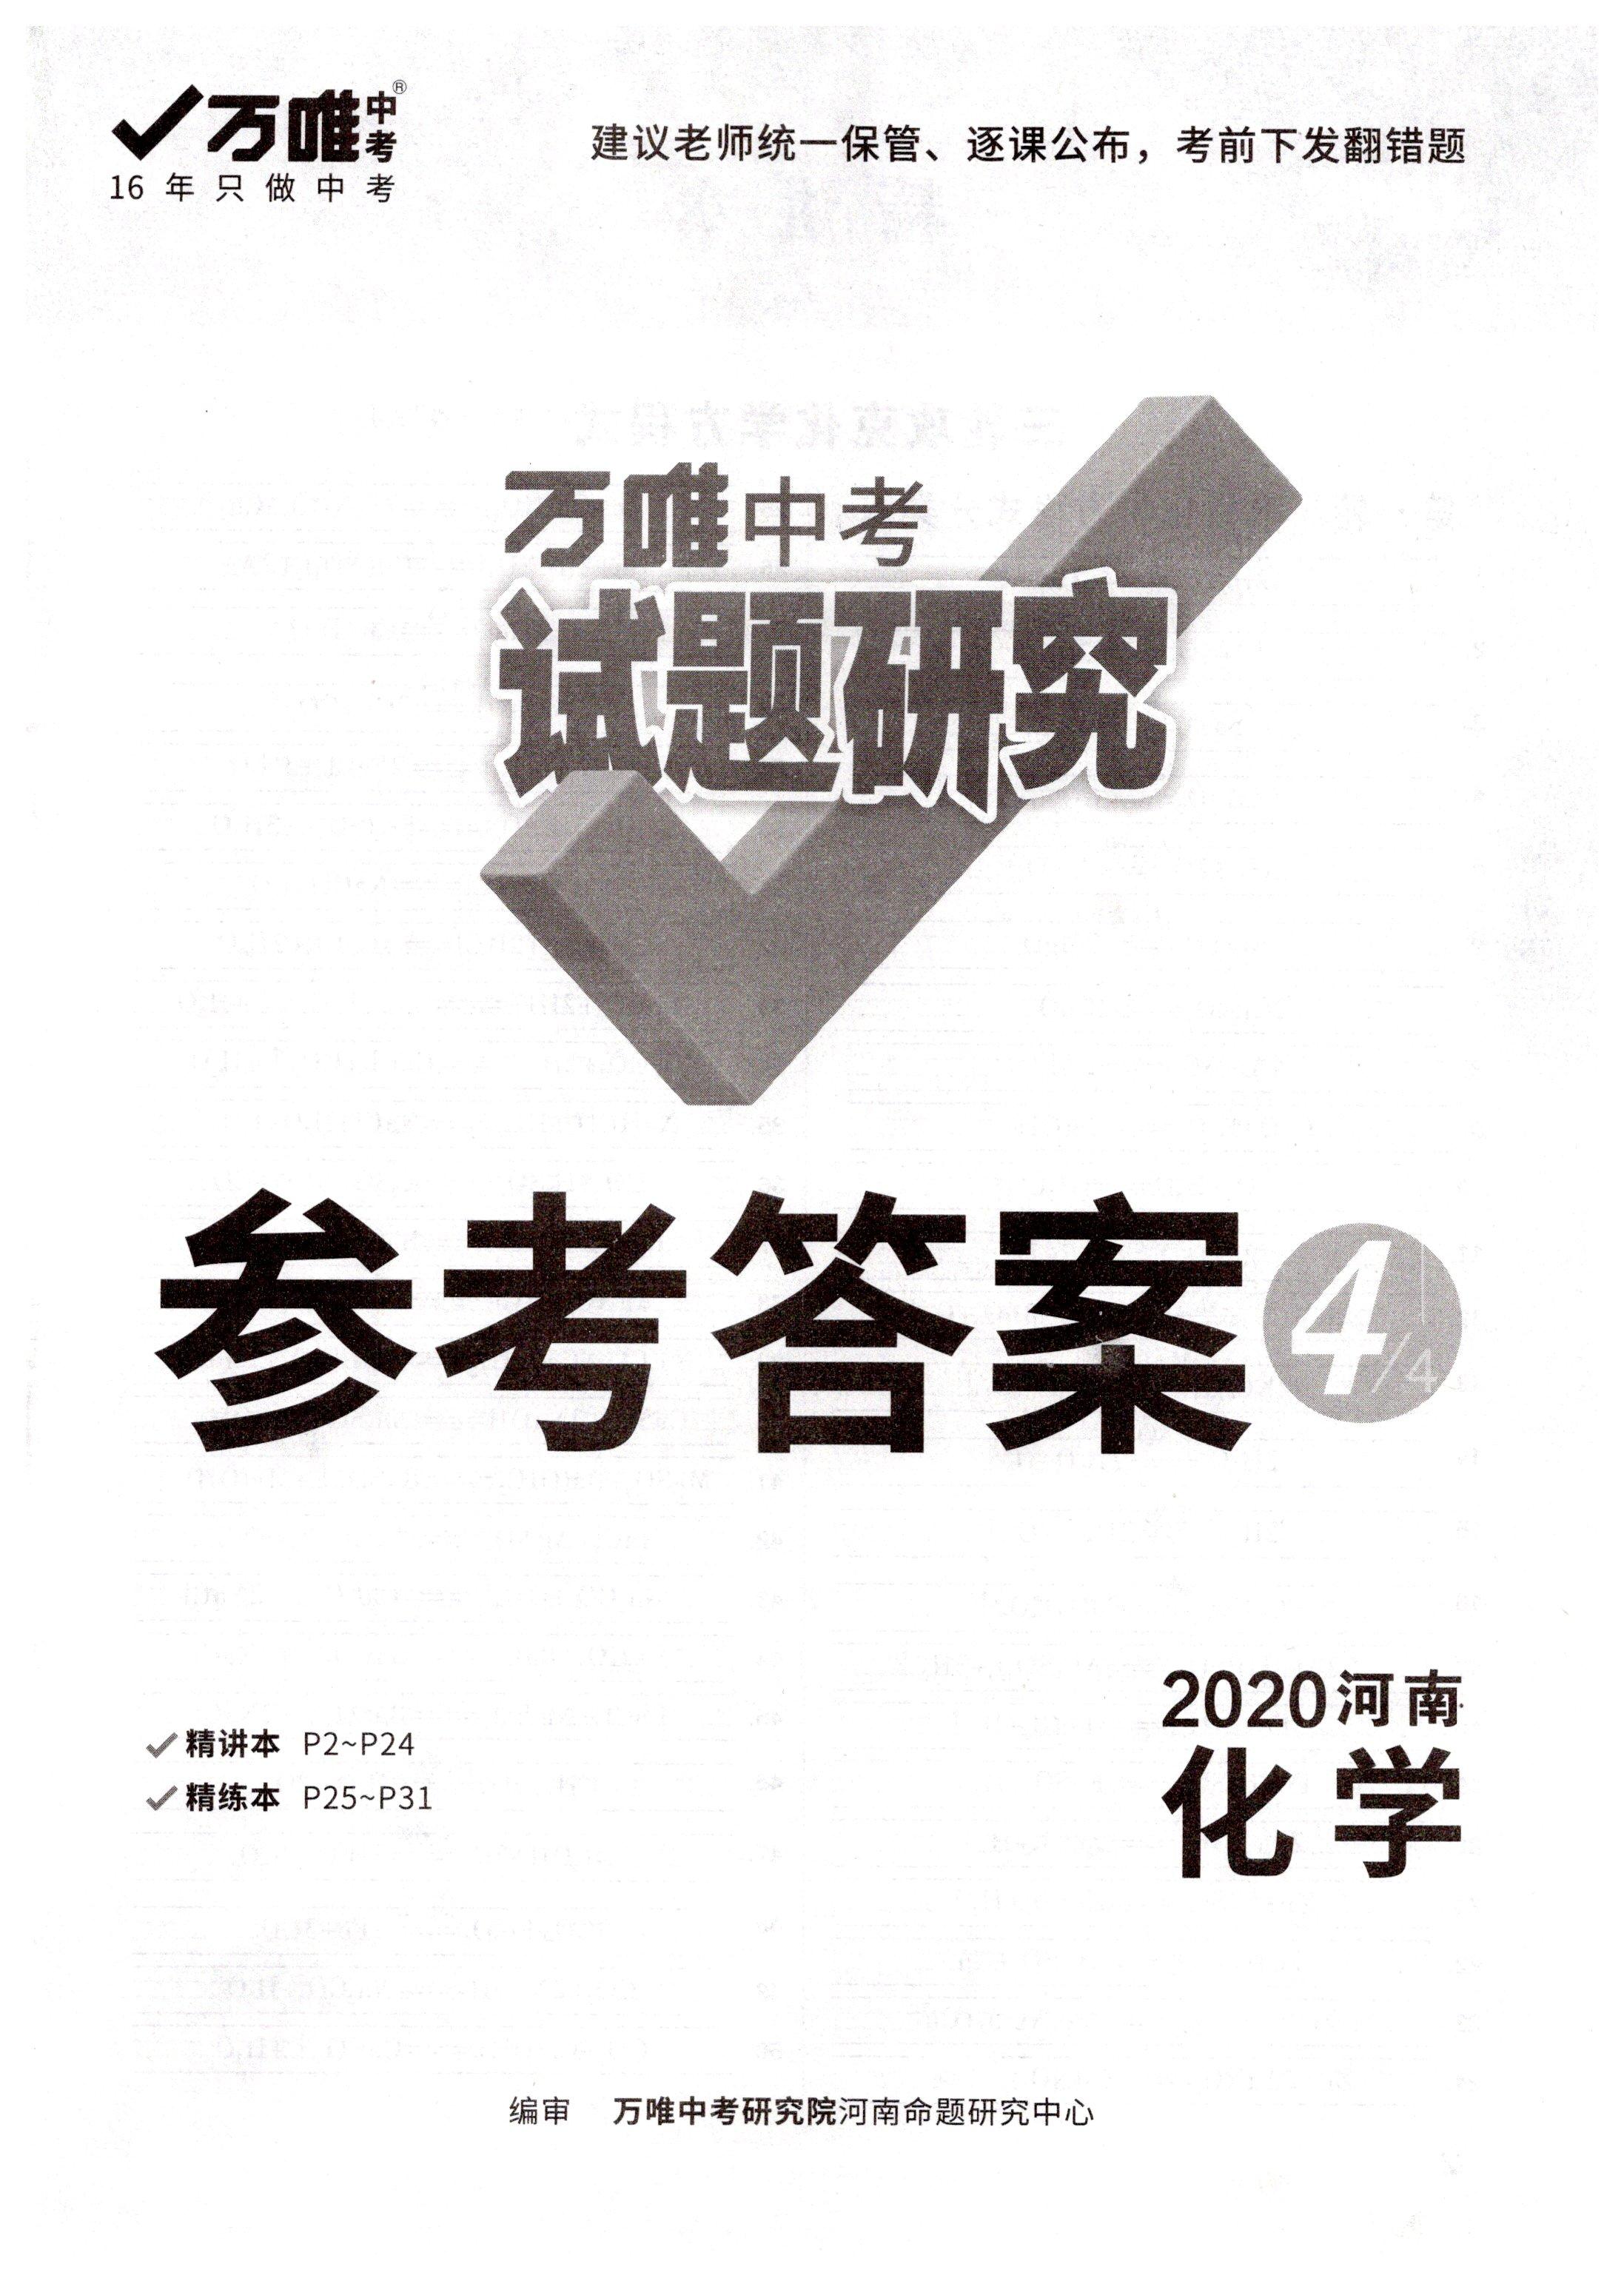 2020年万唯教育中考试题研究九年级化学河南专版第1页